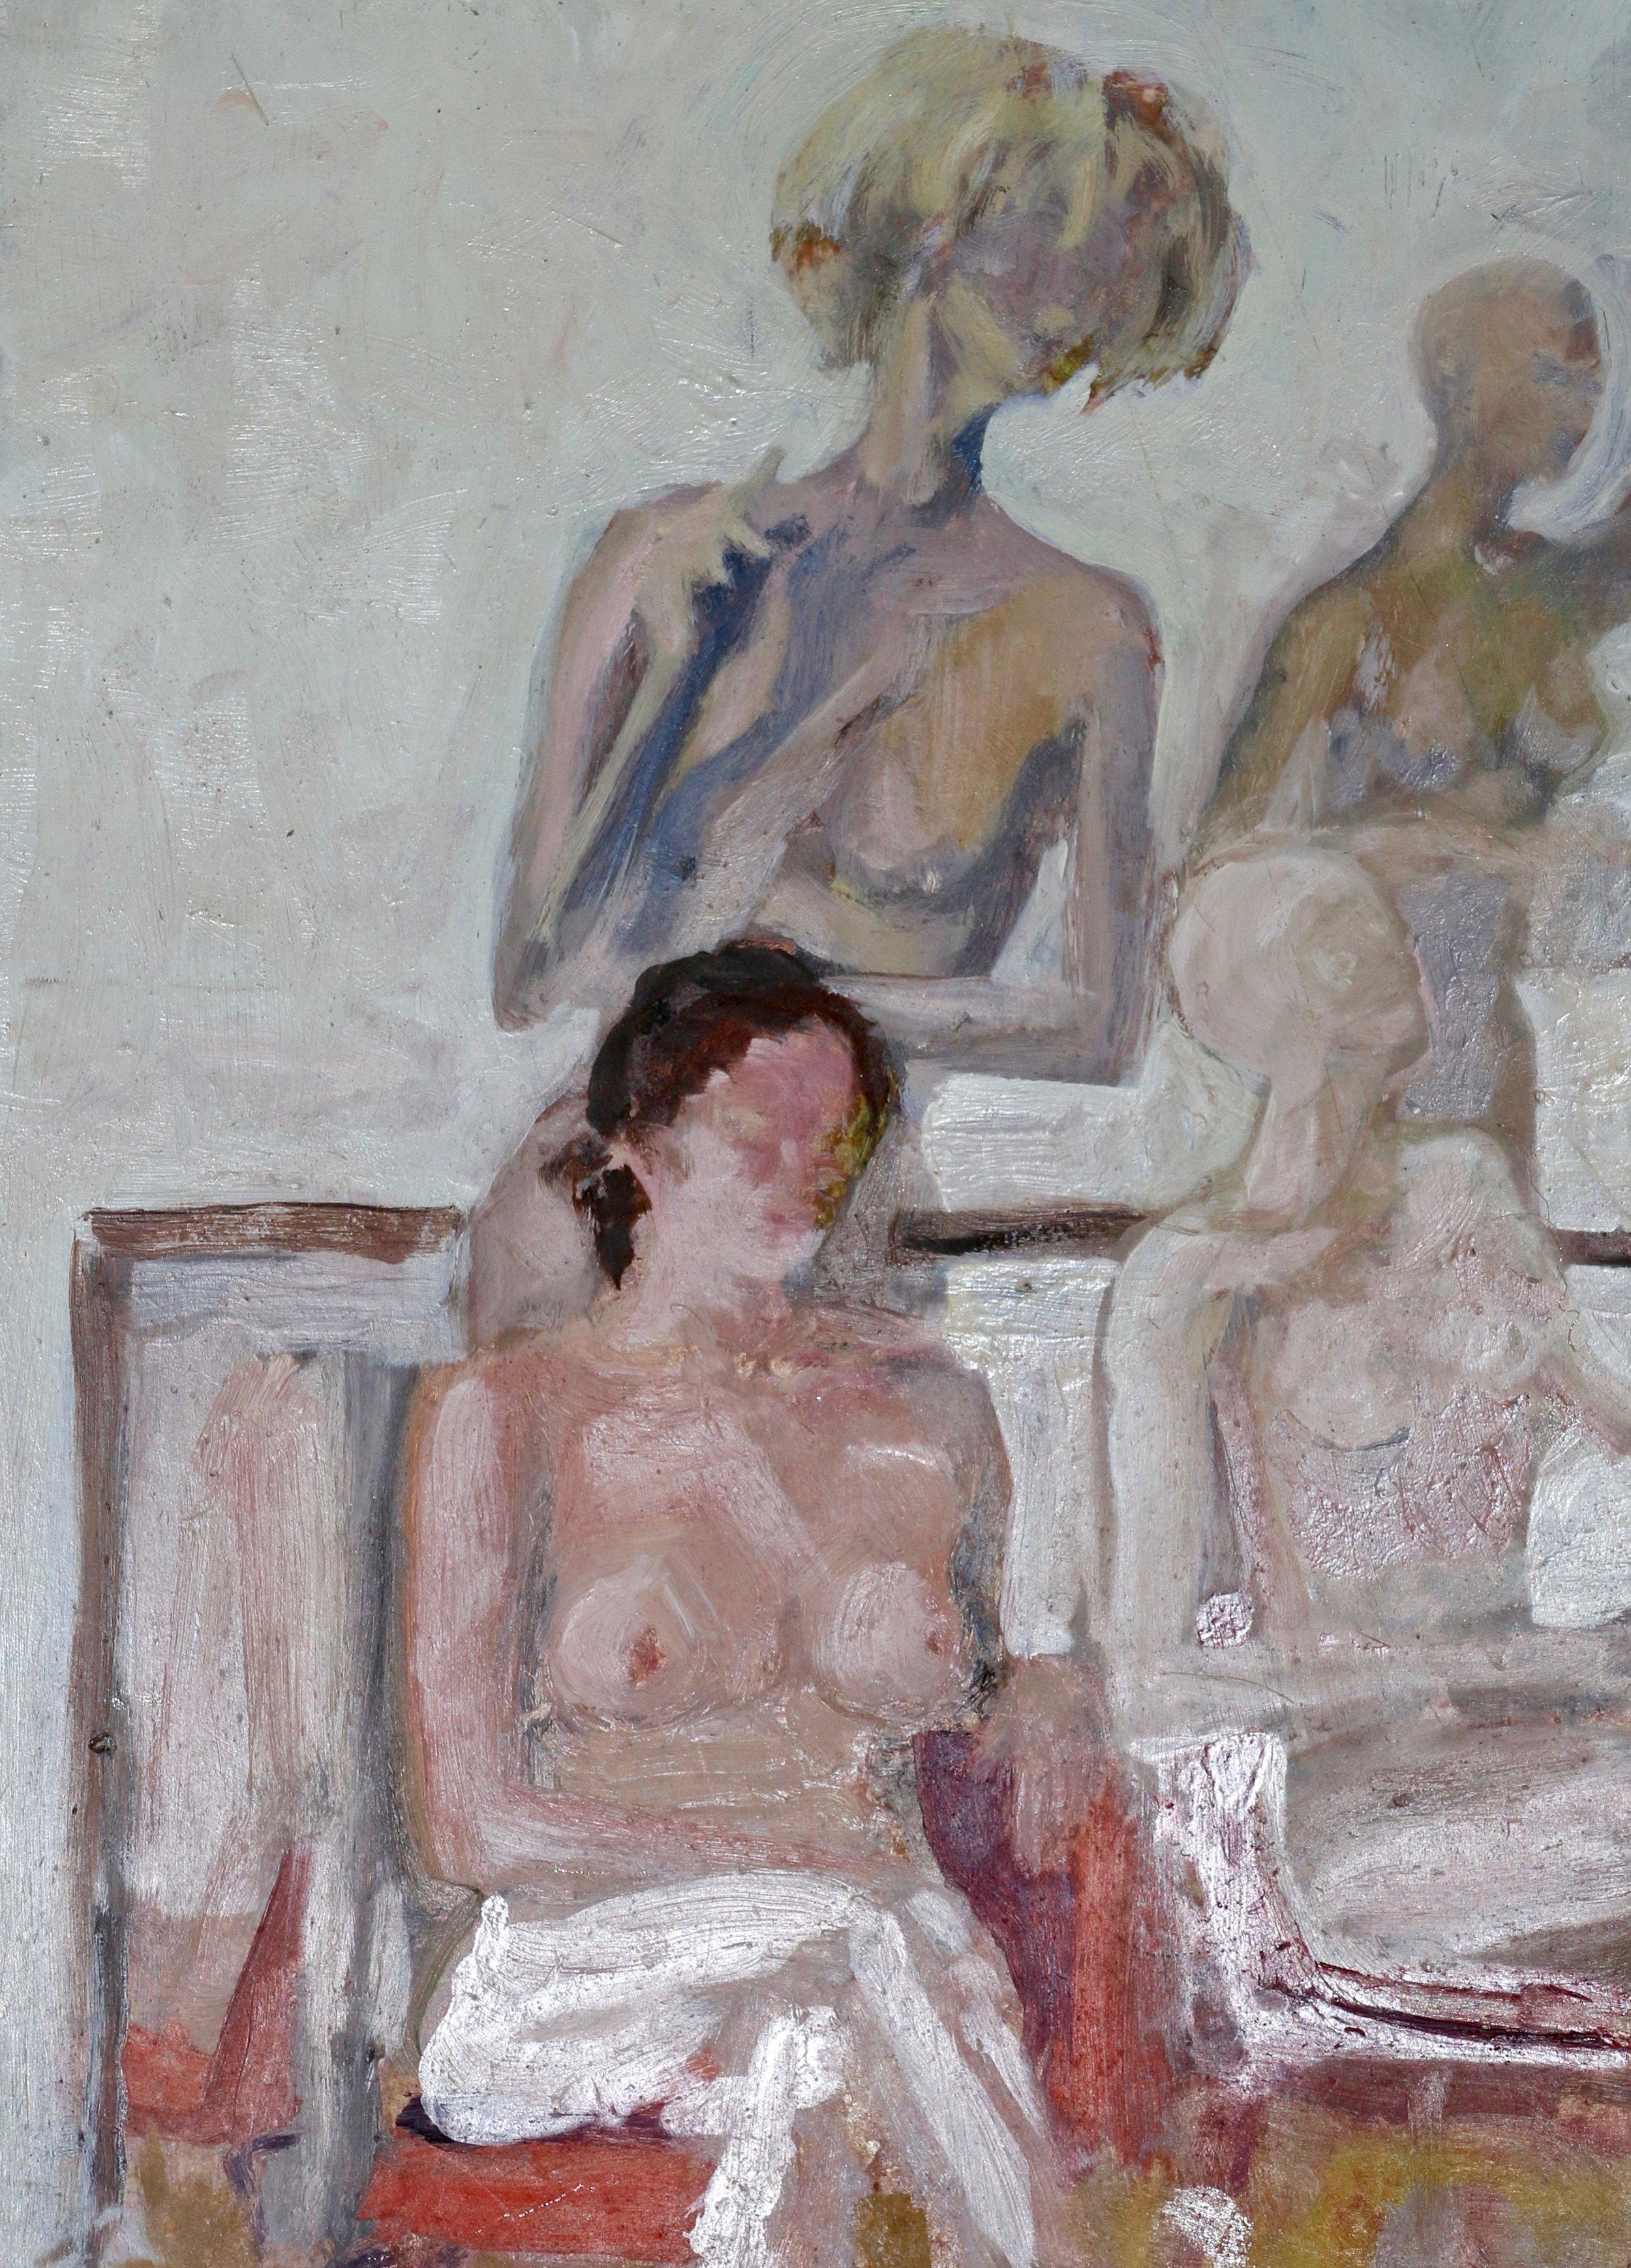 Nude Three